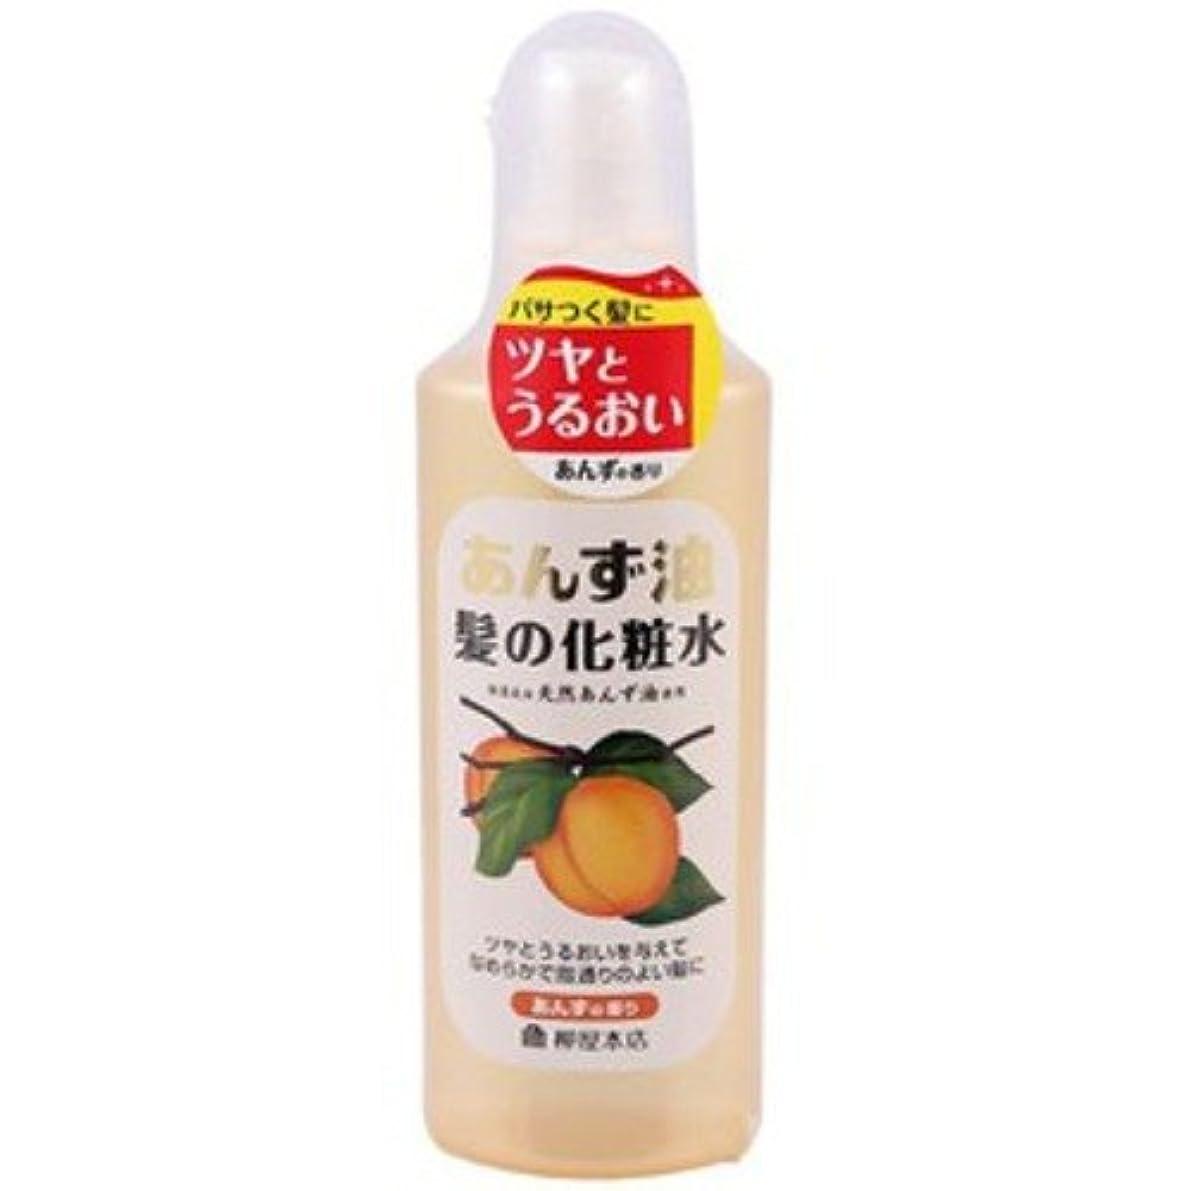 溶融袋敬柳屋 あんず油 髪の化粧水 170ml